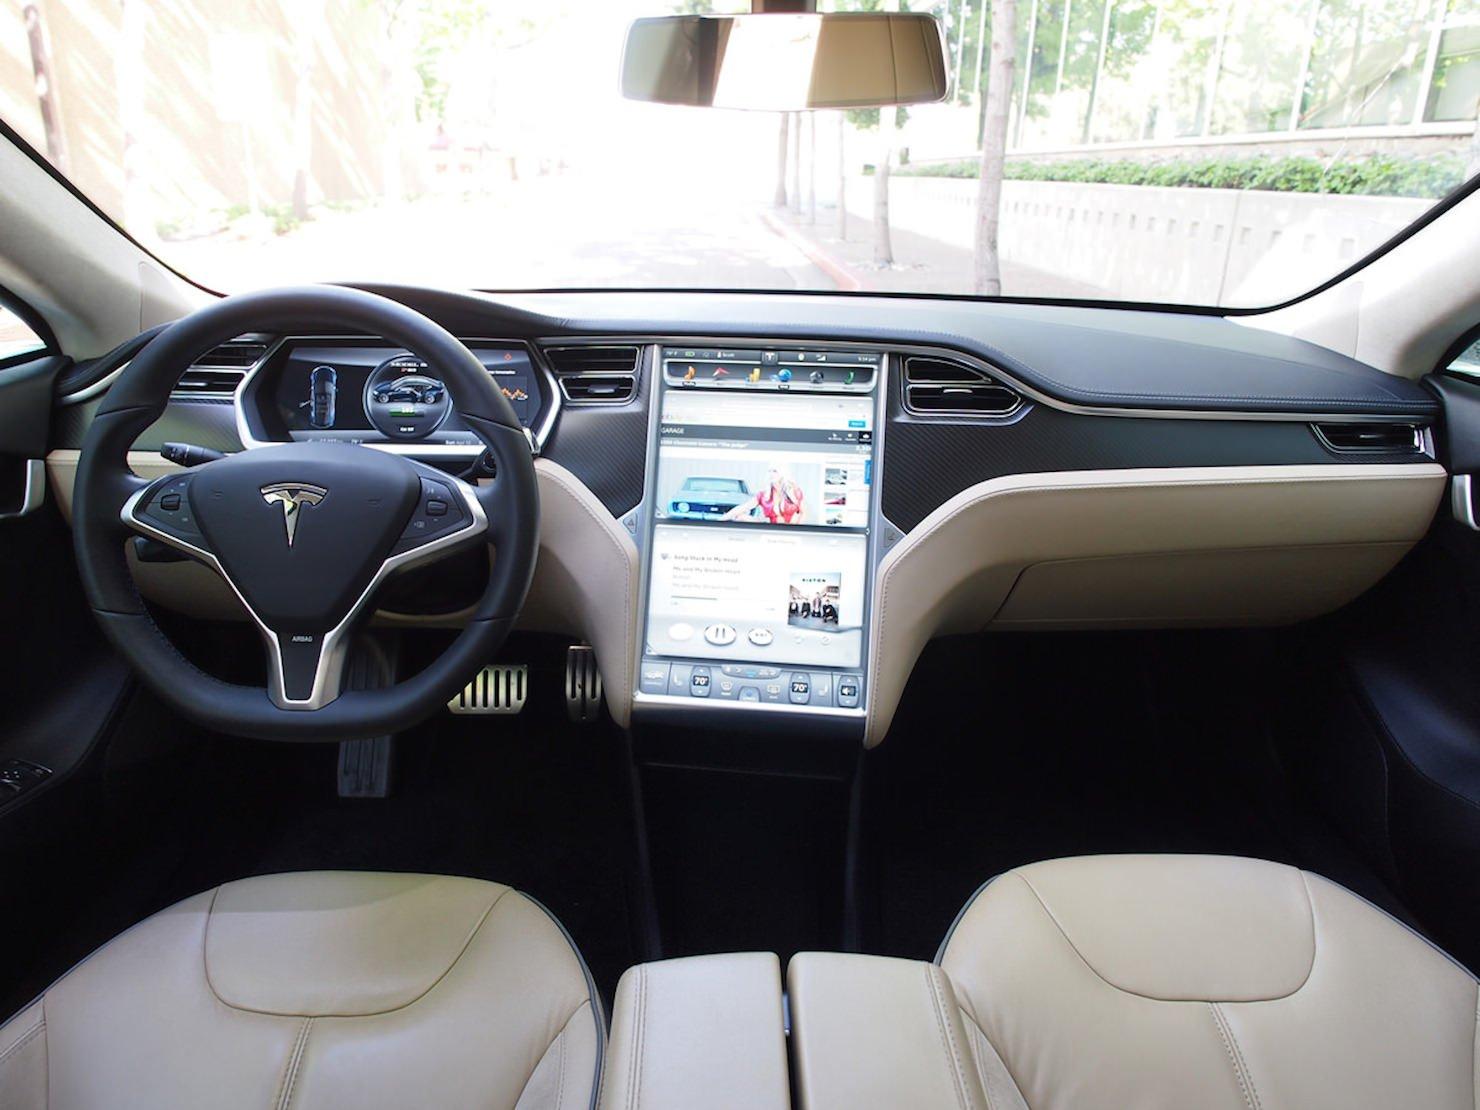 Tesla model s ebay giveaway for Tesla model s interieur